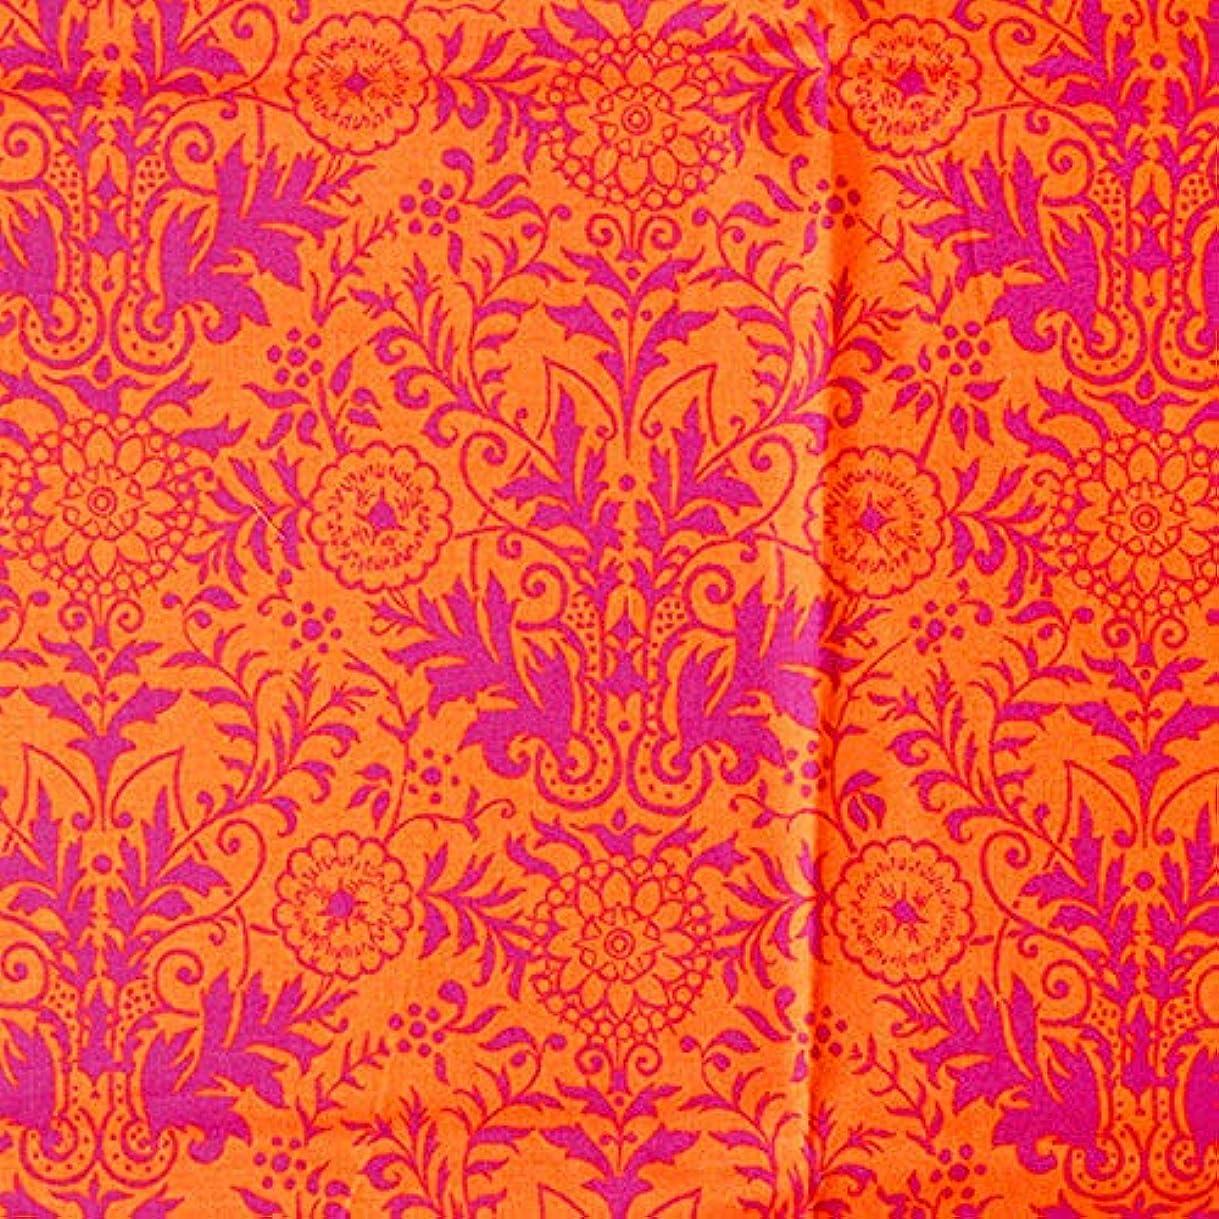 サラミどこにでも散髪キューティーファブリックス 輸入生地 Quilting Treasures キルティングトレジャー オレンジ?赤紫 草花 USAコットン 巾約110cm×50cmカットクロス 26106-OV-50 マルチカラー